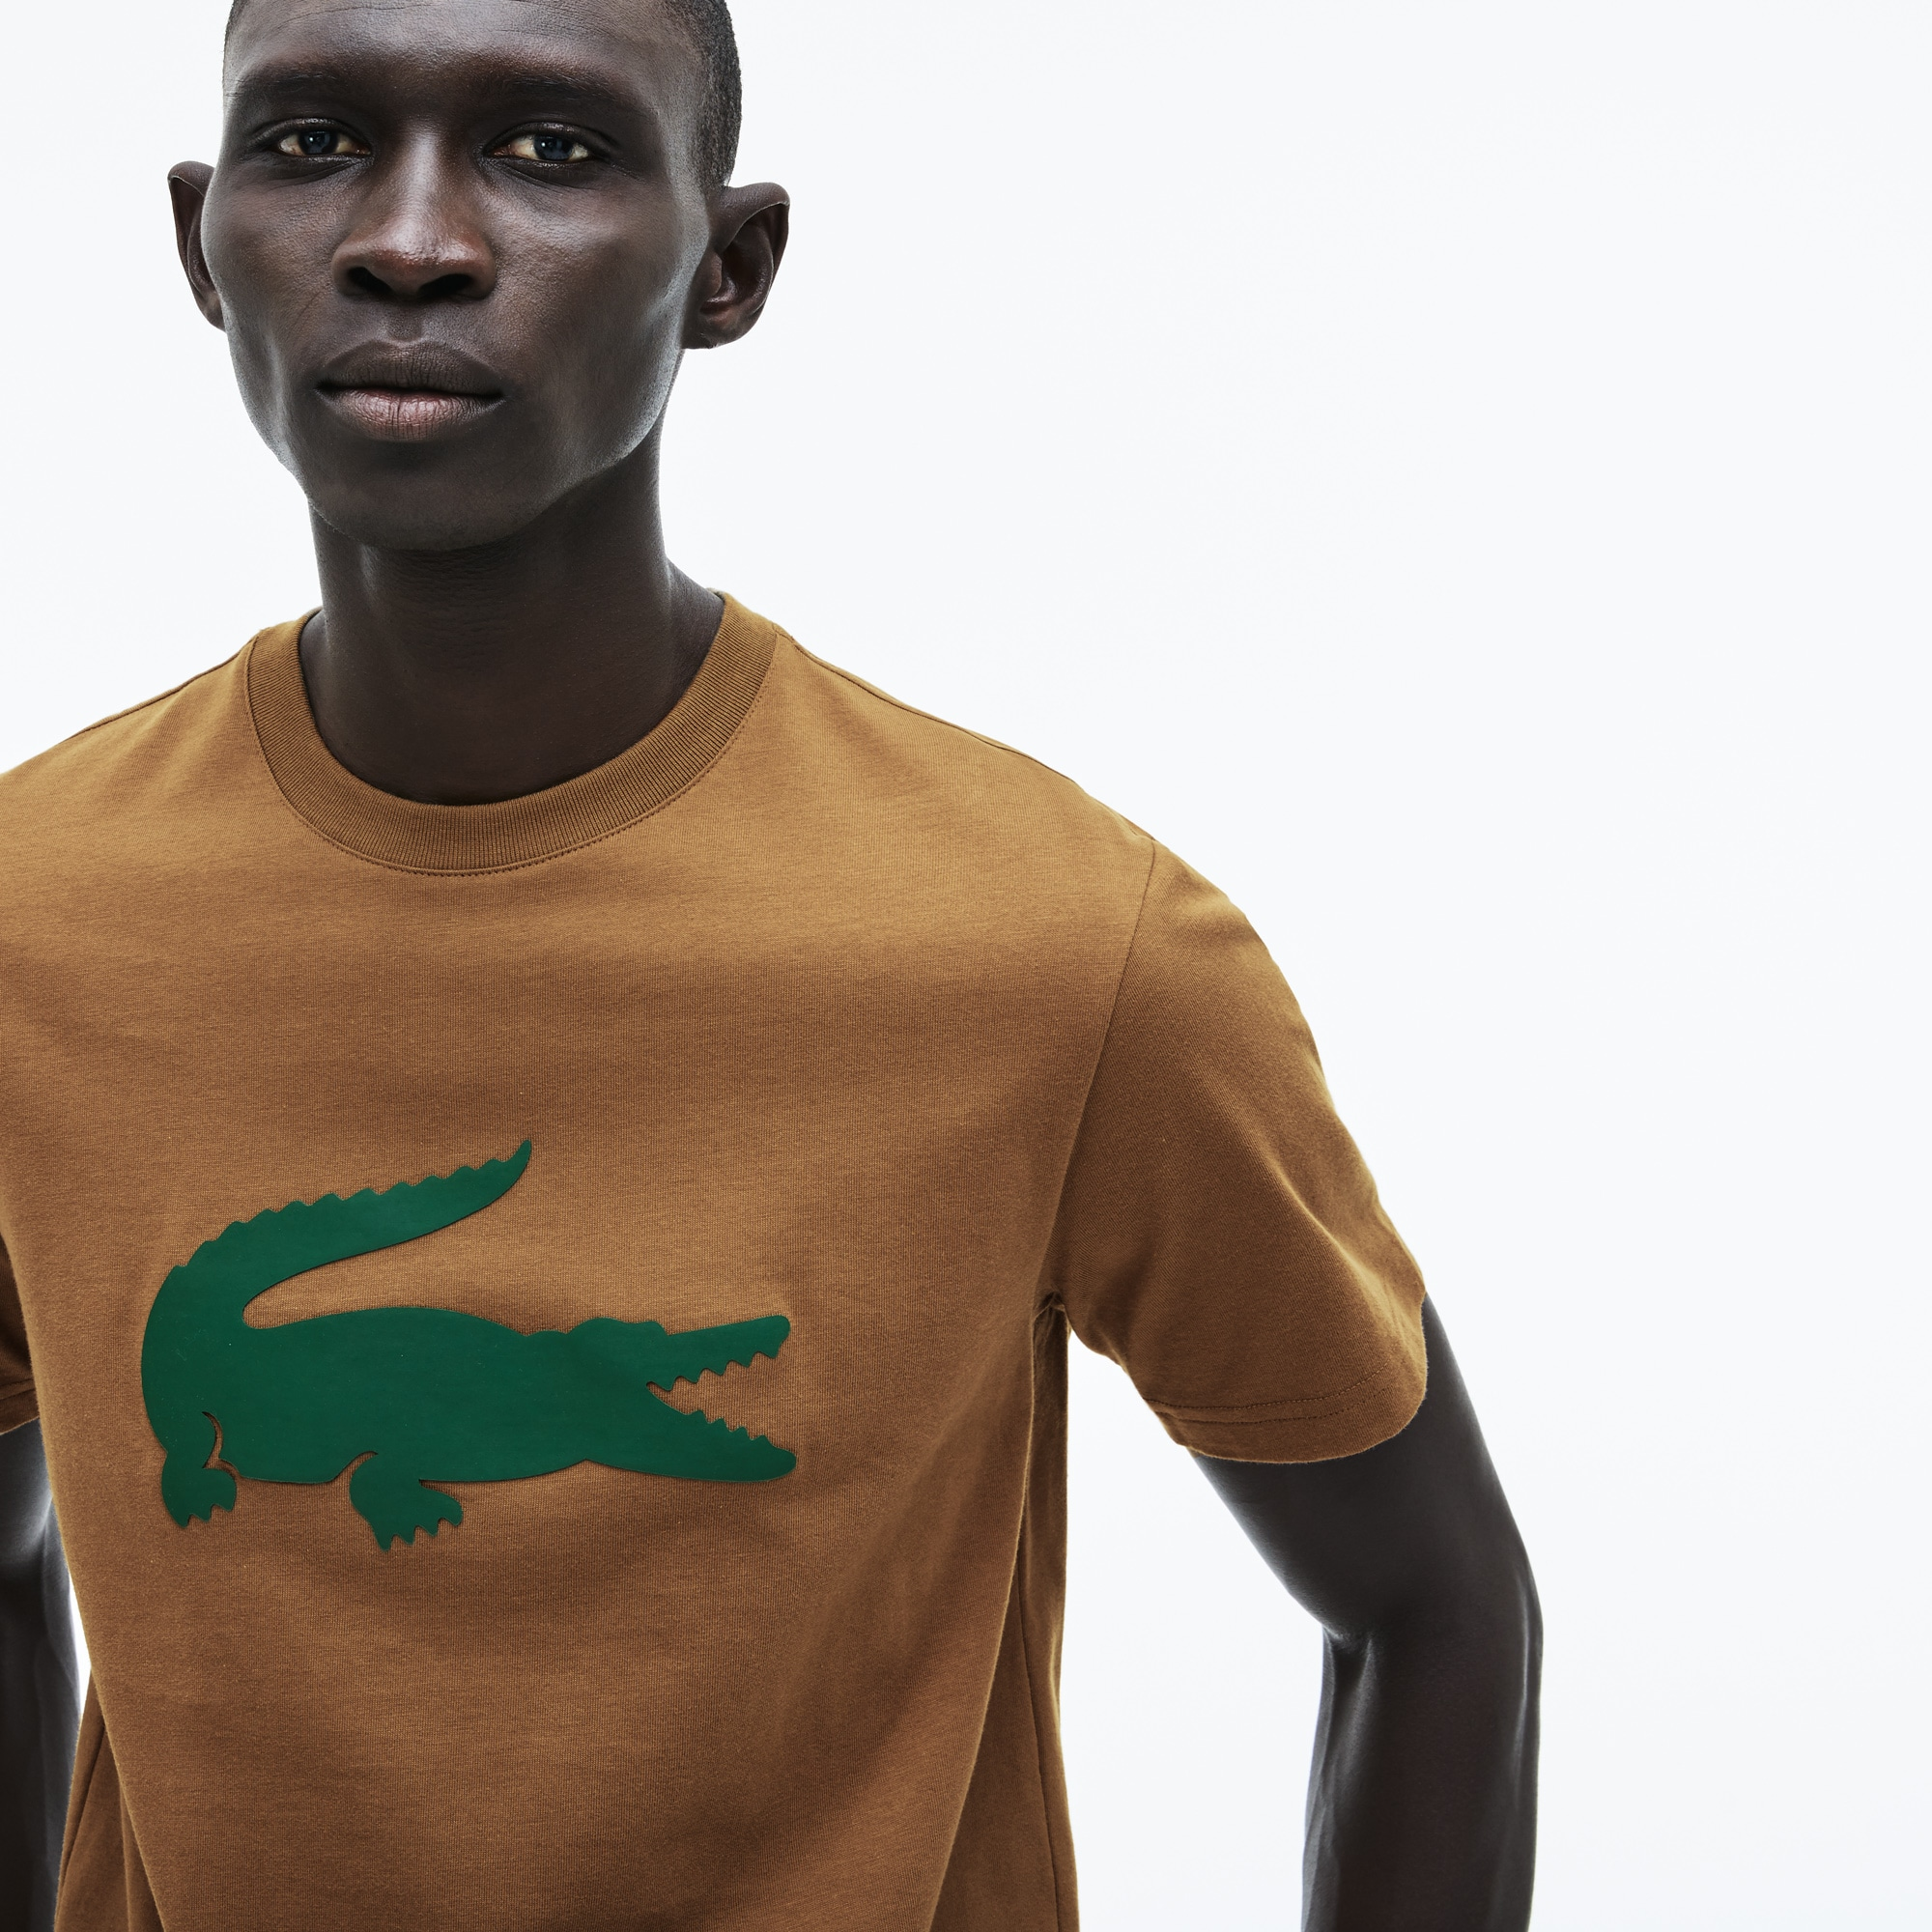 Longues Homme Courtes Manches Lacoste Pour amp; Chandails Shirts T EXqS1wx